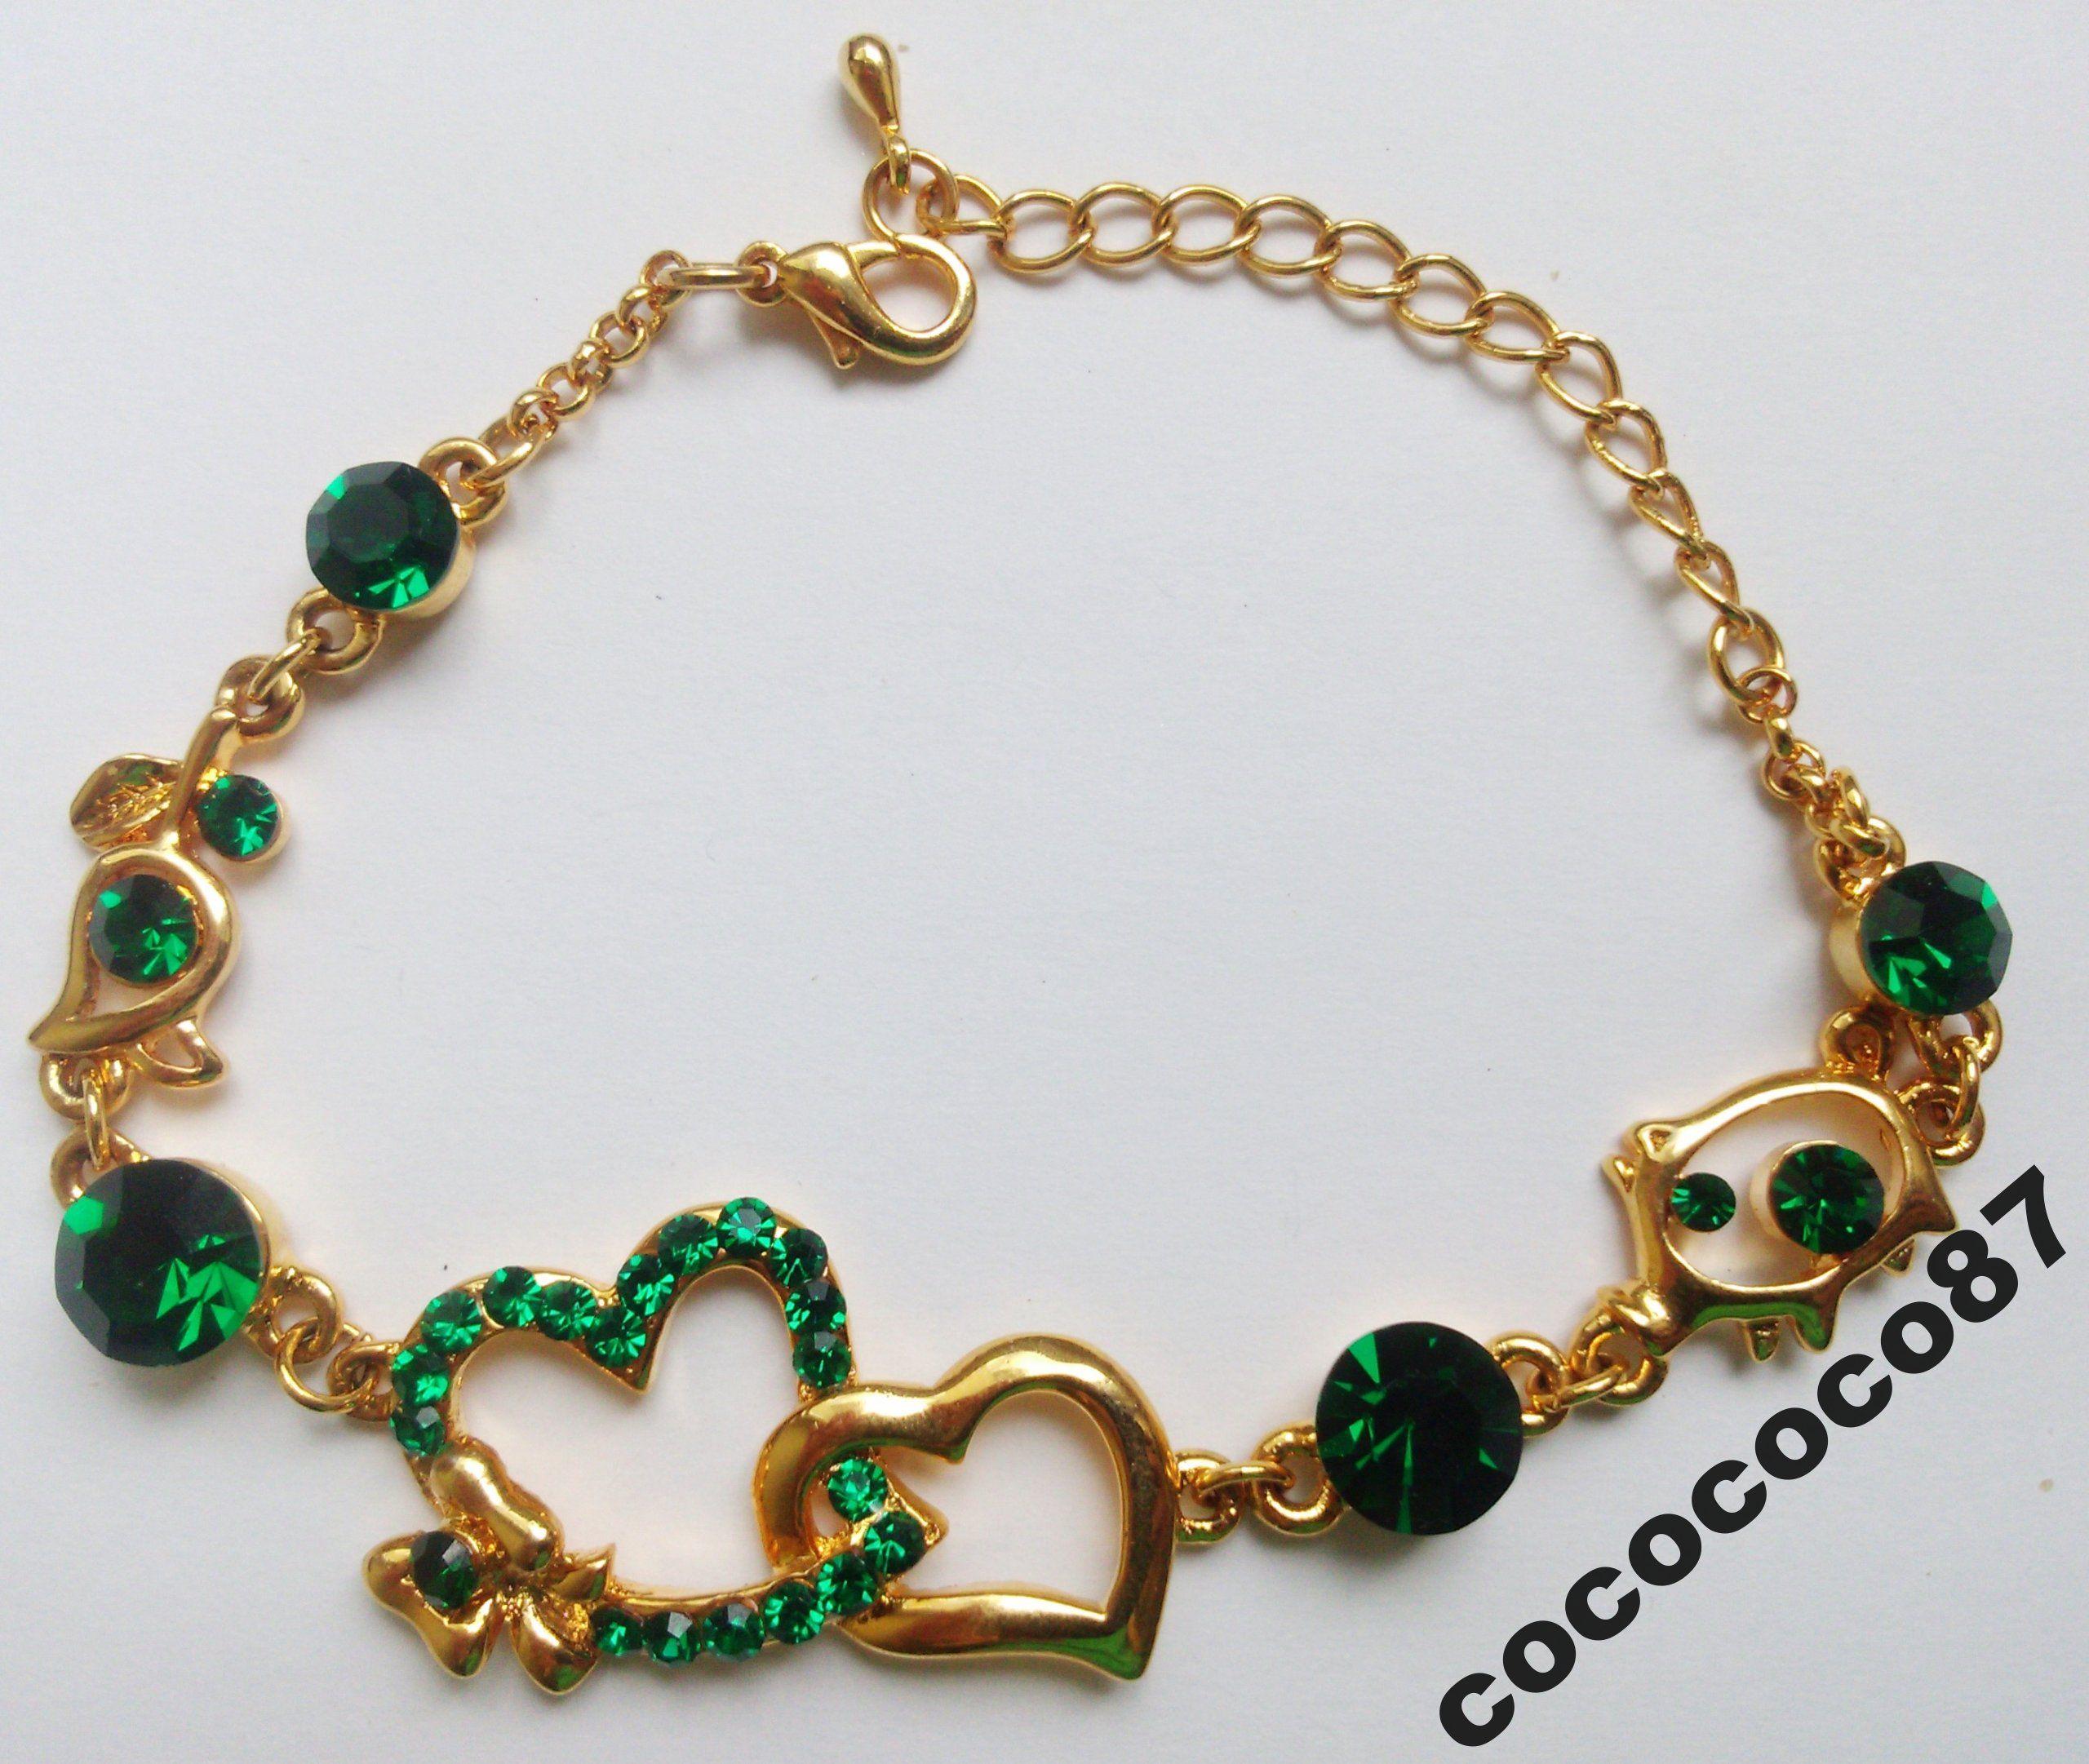 Nowa Pozlacana Bransoletka Swarovski Serduszka 6311684062 Oficjalne Archiwum Allegro Chain Necklace Necklace Bracelets